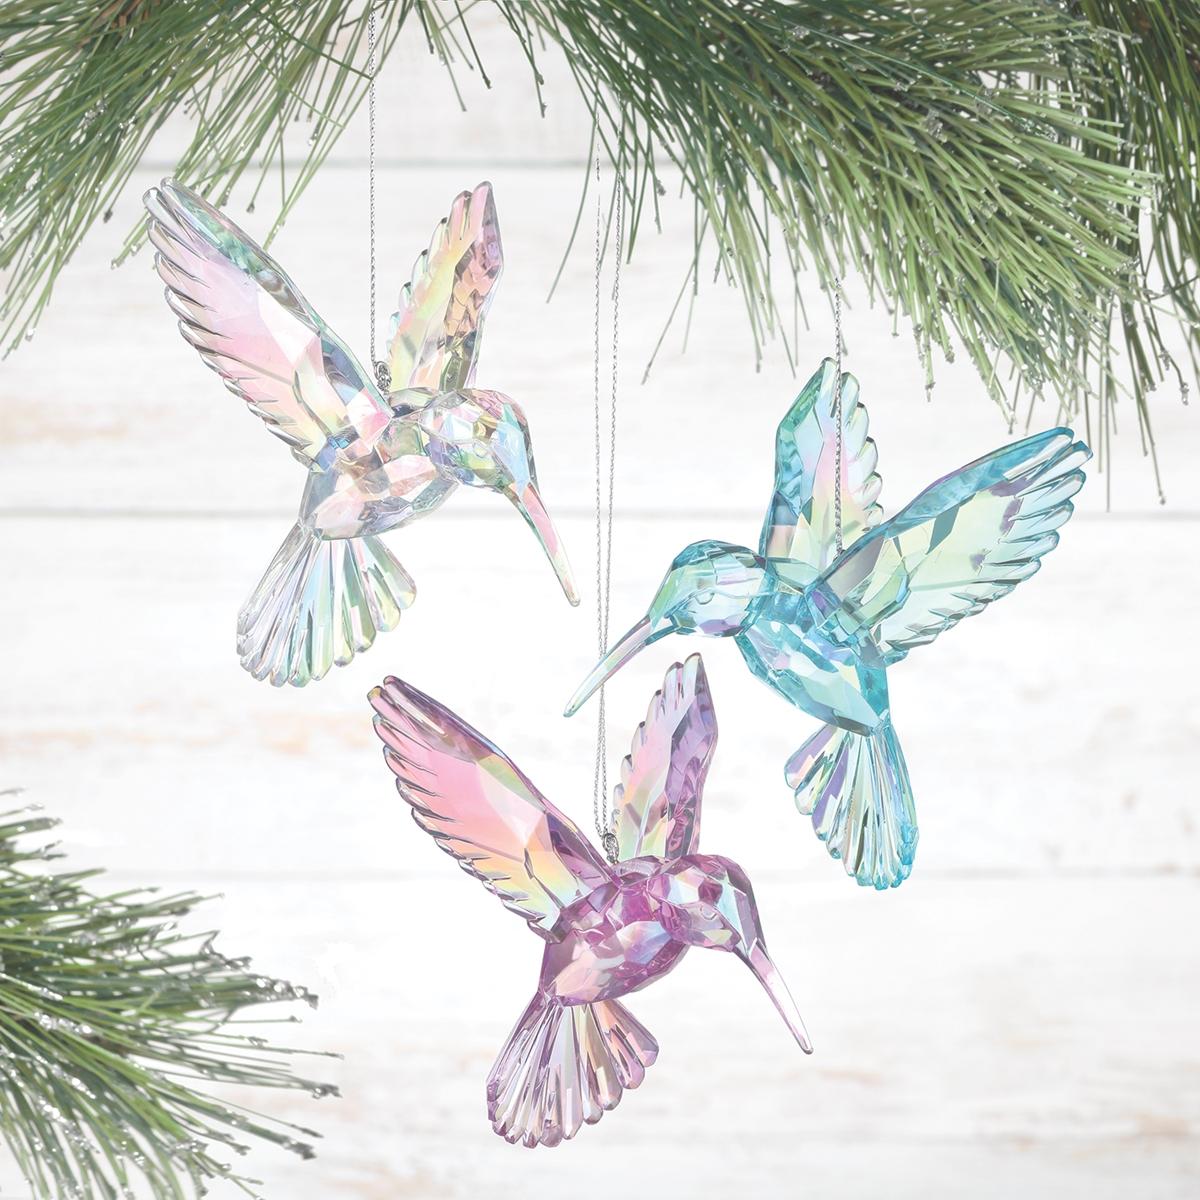 Iridescent Hummingbird Ornaments